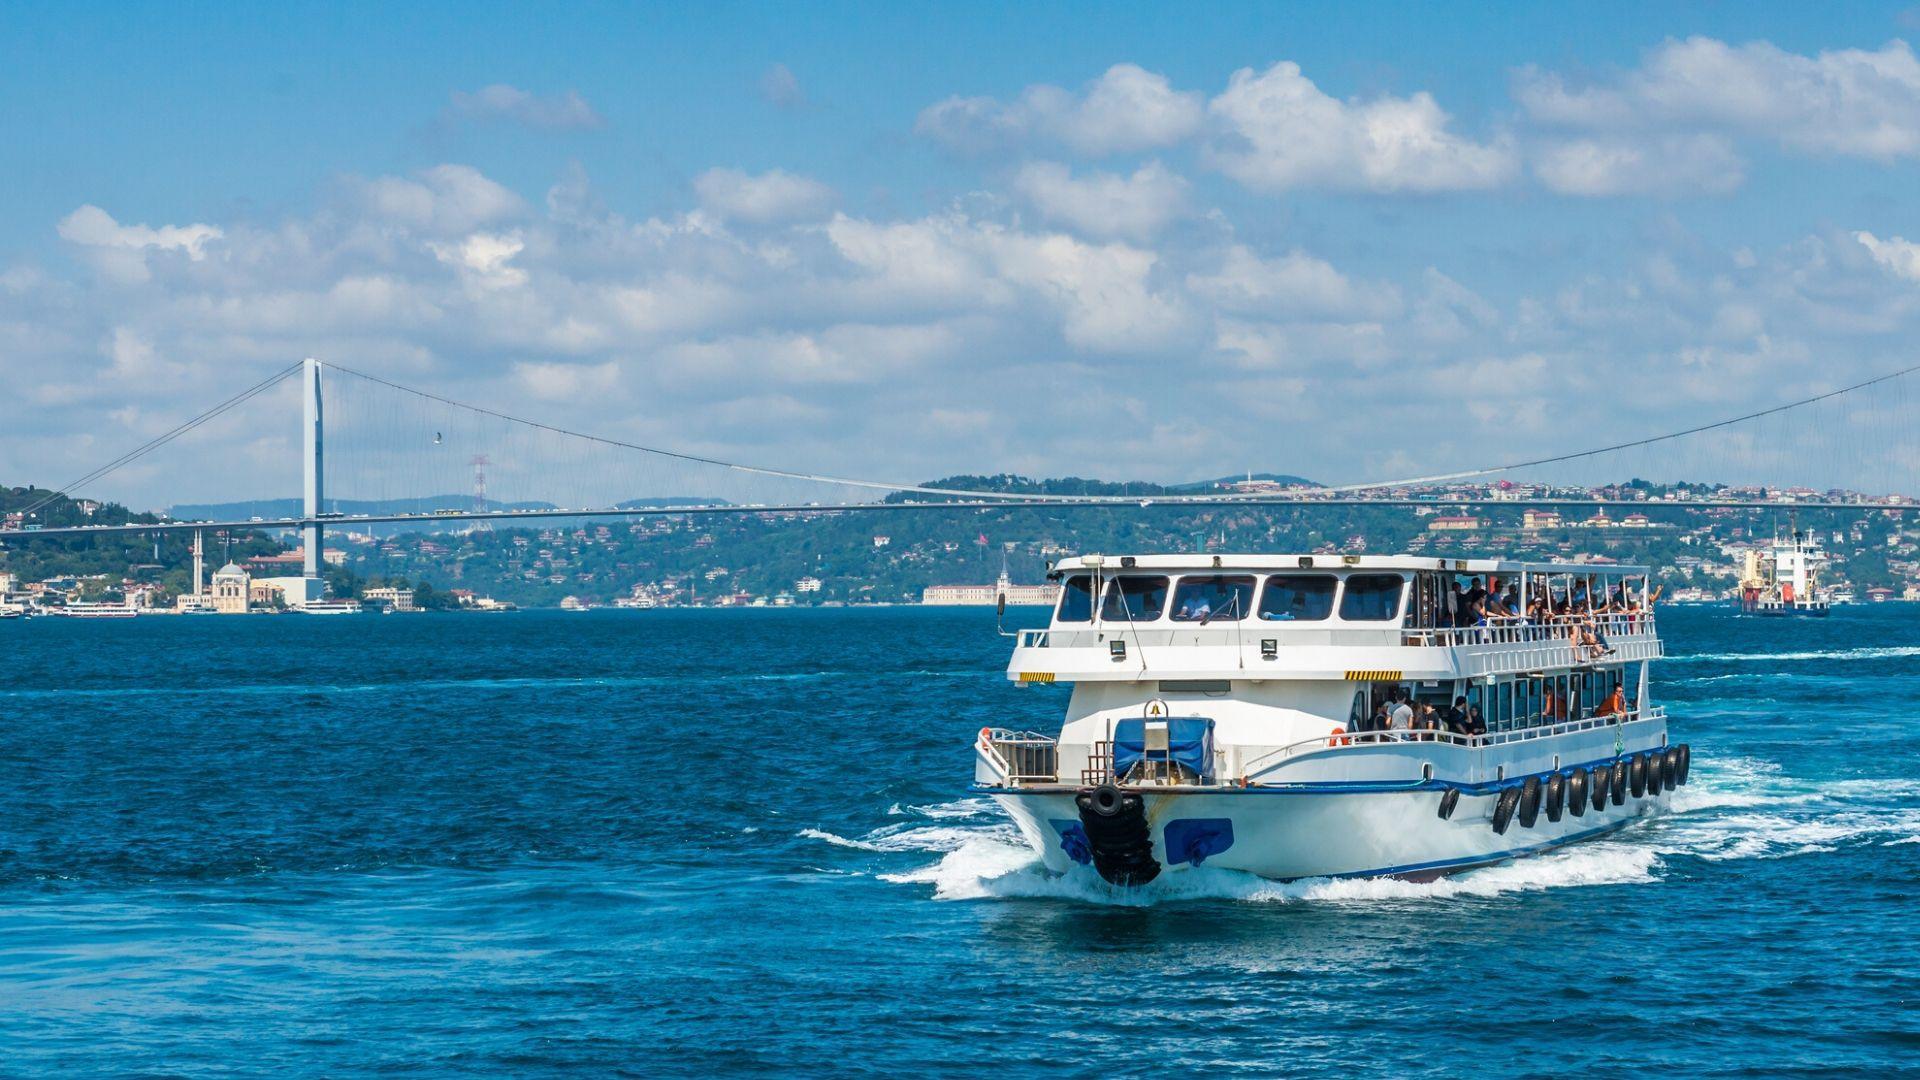 Pažintinėje kelionėje į Turkiją plaukiosite laivu Bosforo sąsiauryje